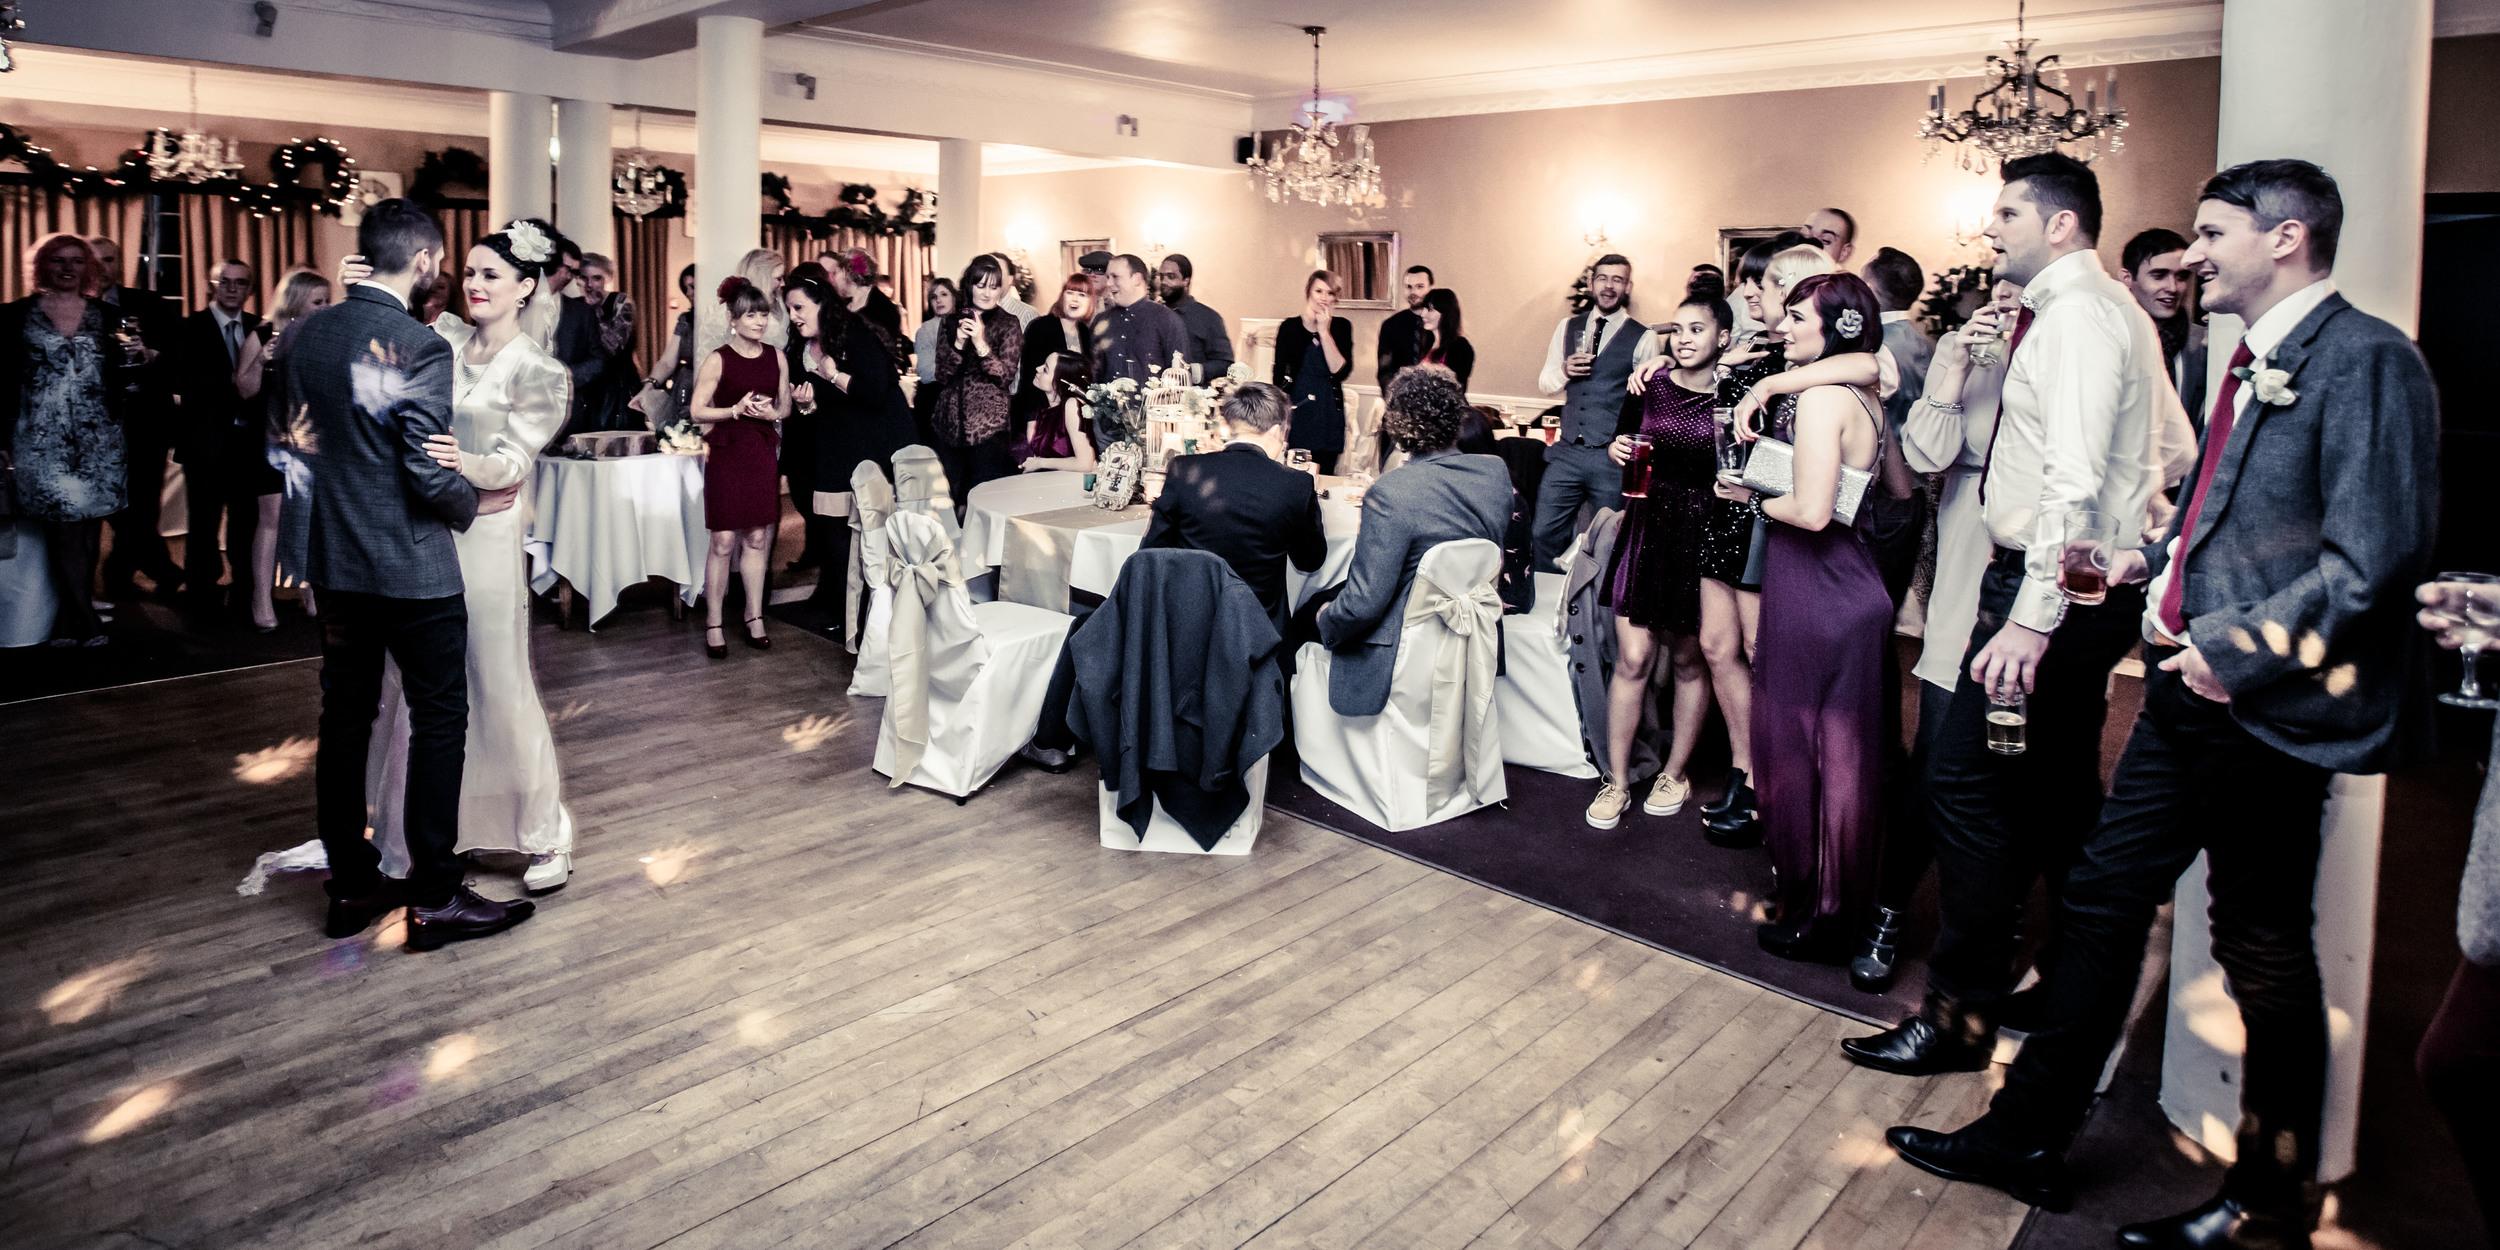 193 - Angela and Karls Wedding by www.markpugh.com -7290.jpg